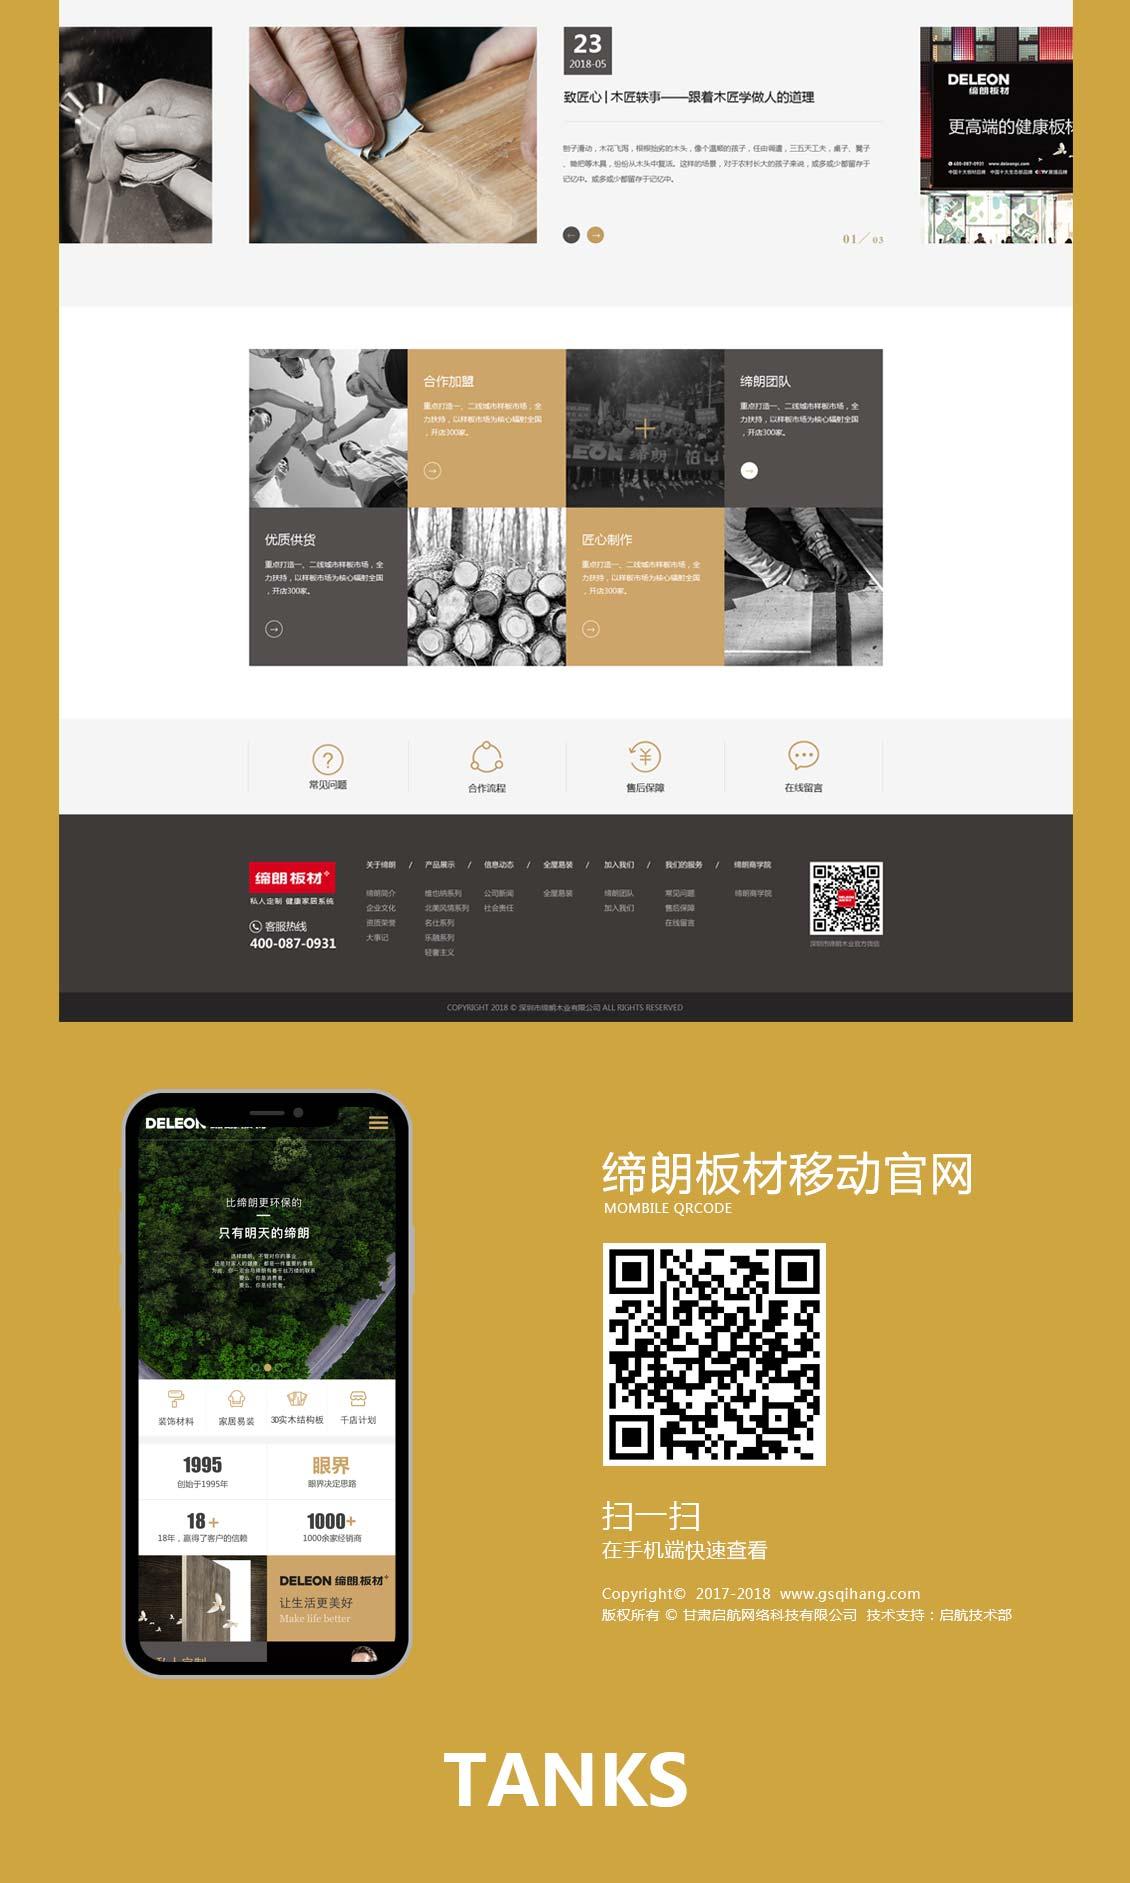 深圳市缔朗木业网站建设